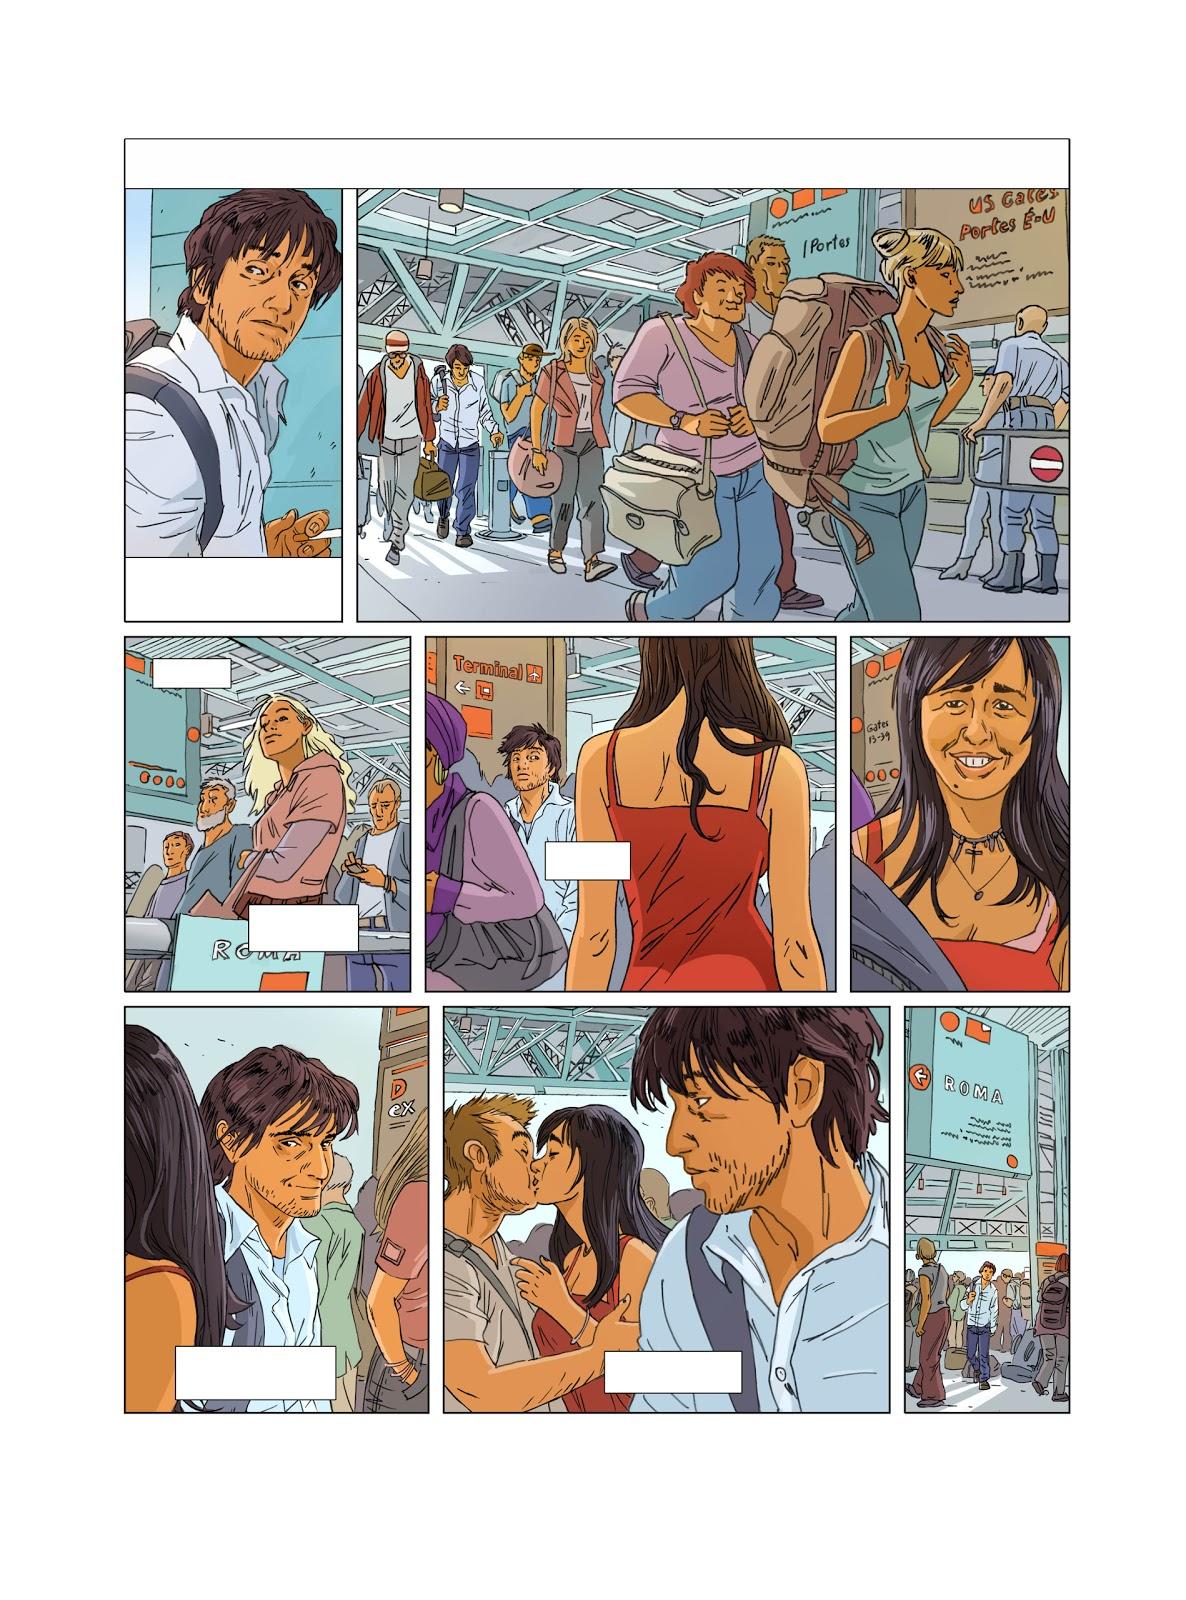 http://3.bp.blogspot.com/-oKKyh6Z3JrE/T31y-wmBq5I/AAAAAAAAAa4/R-gm6QJuyN4/s1600/P4-rome2.jpg